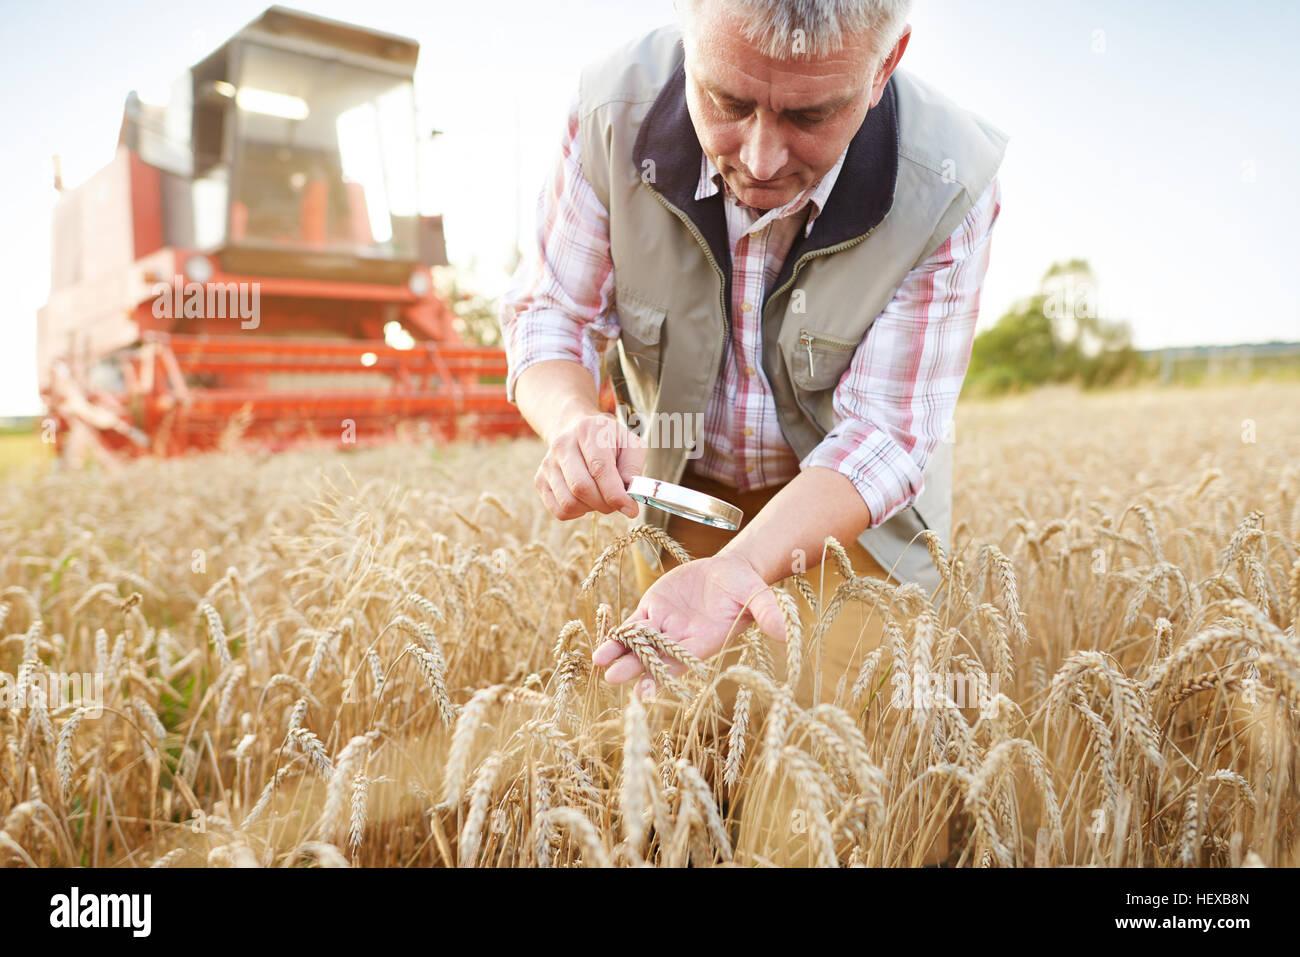 Imprenditore nel campo di grano il controllo di qualità del frumento con lente di ingrandimento Immagini Stock